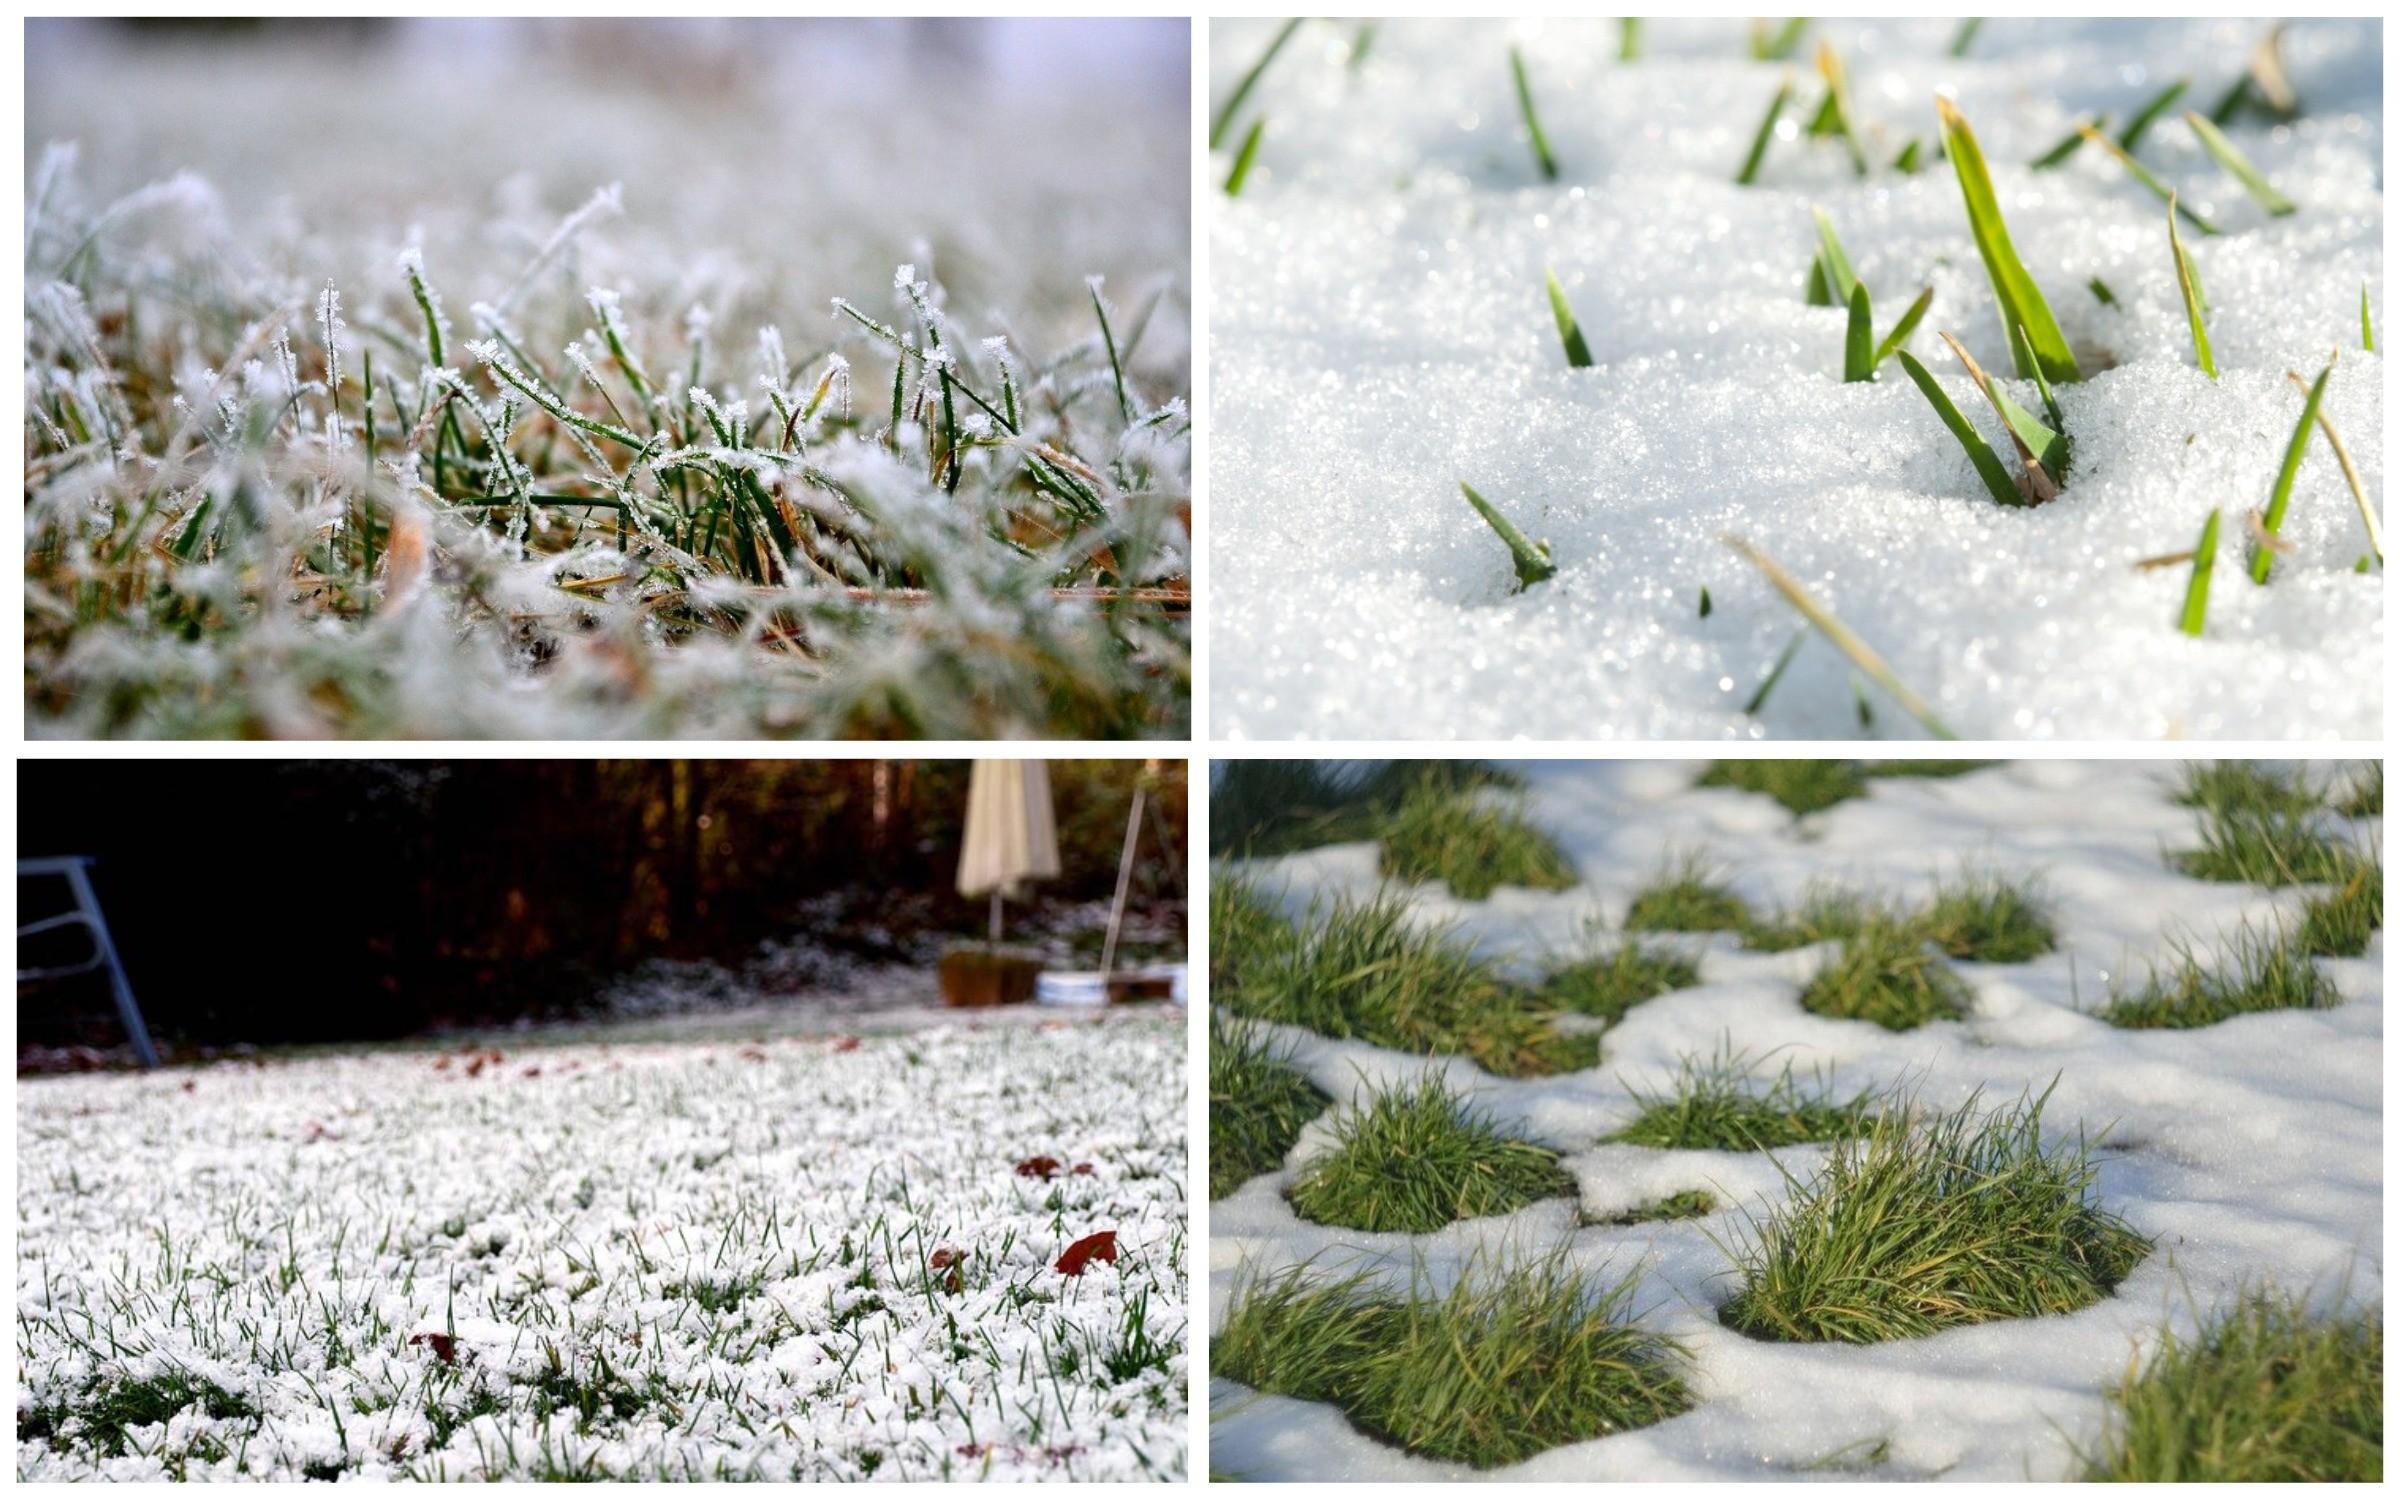 изображение газон Для регионов с холодными зимами